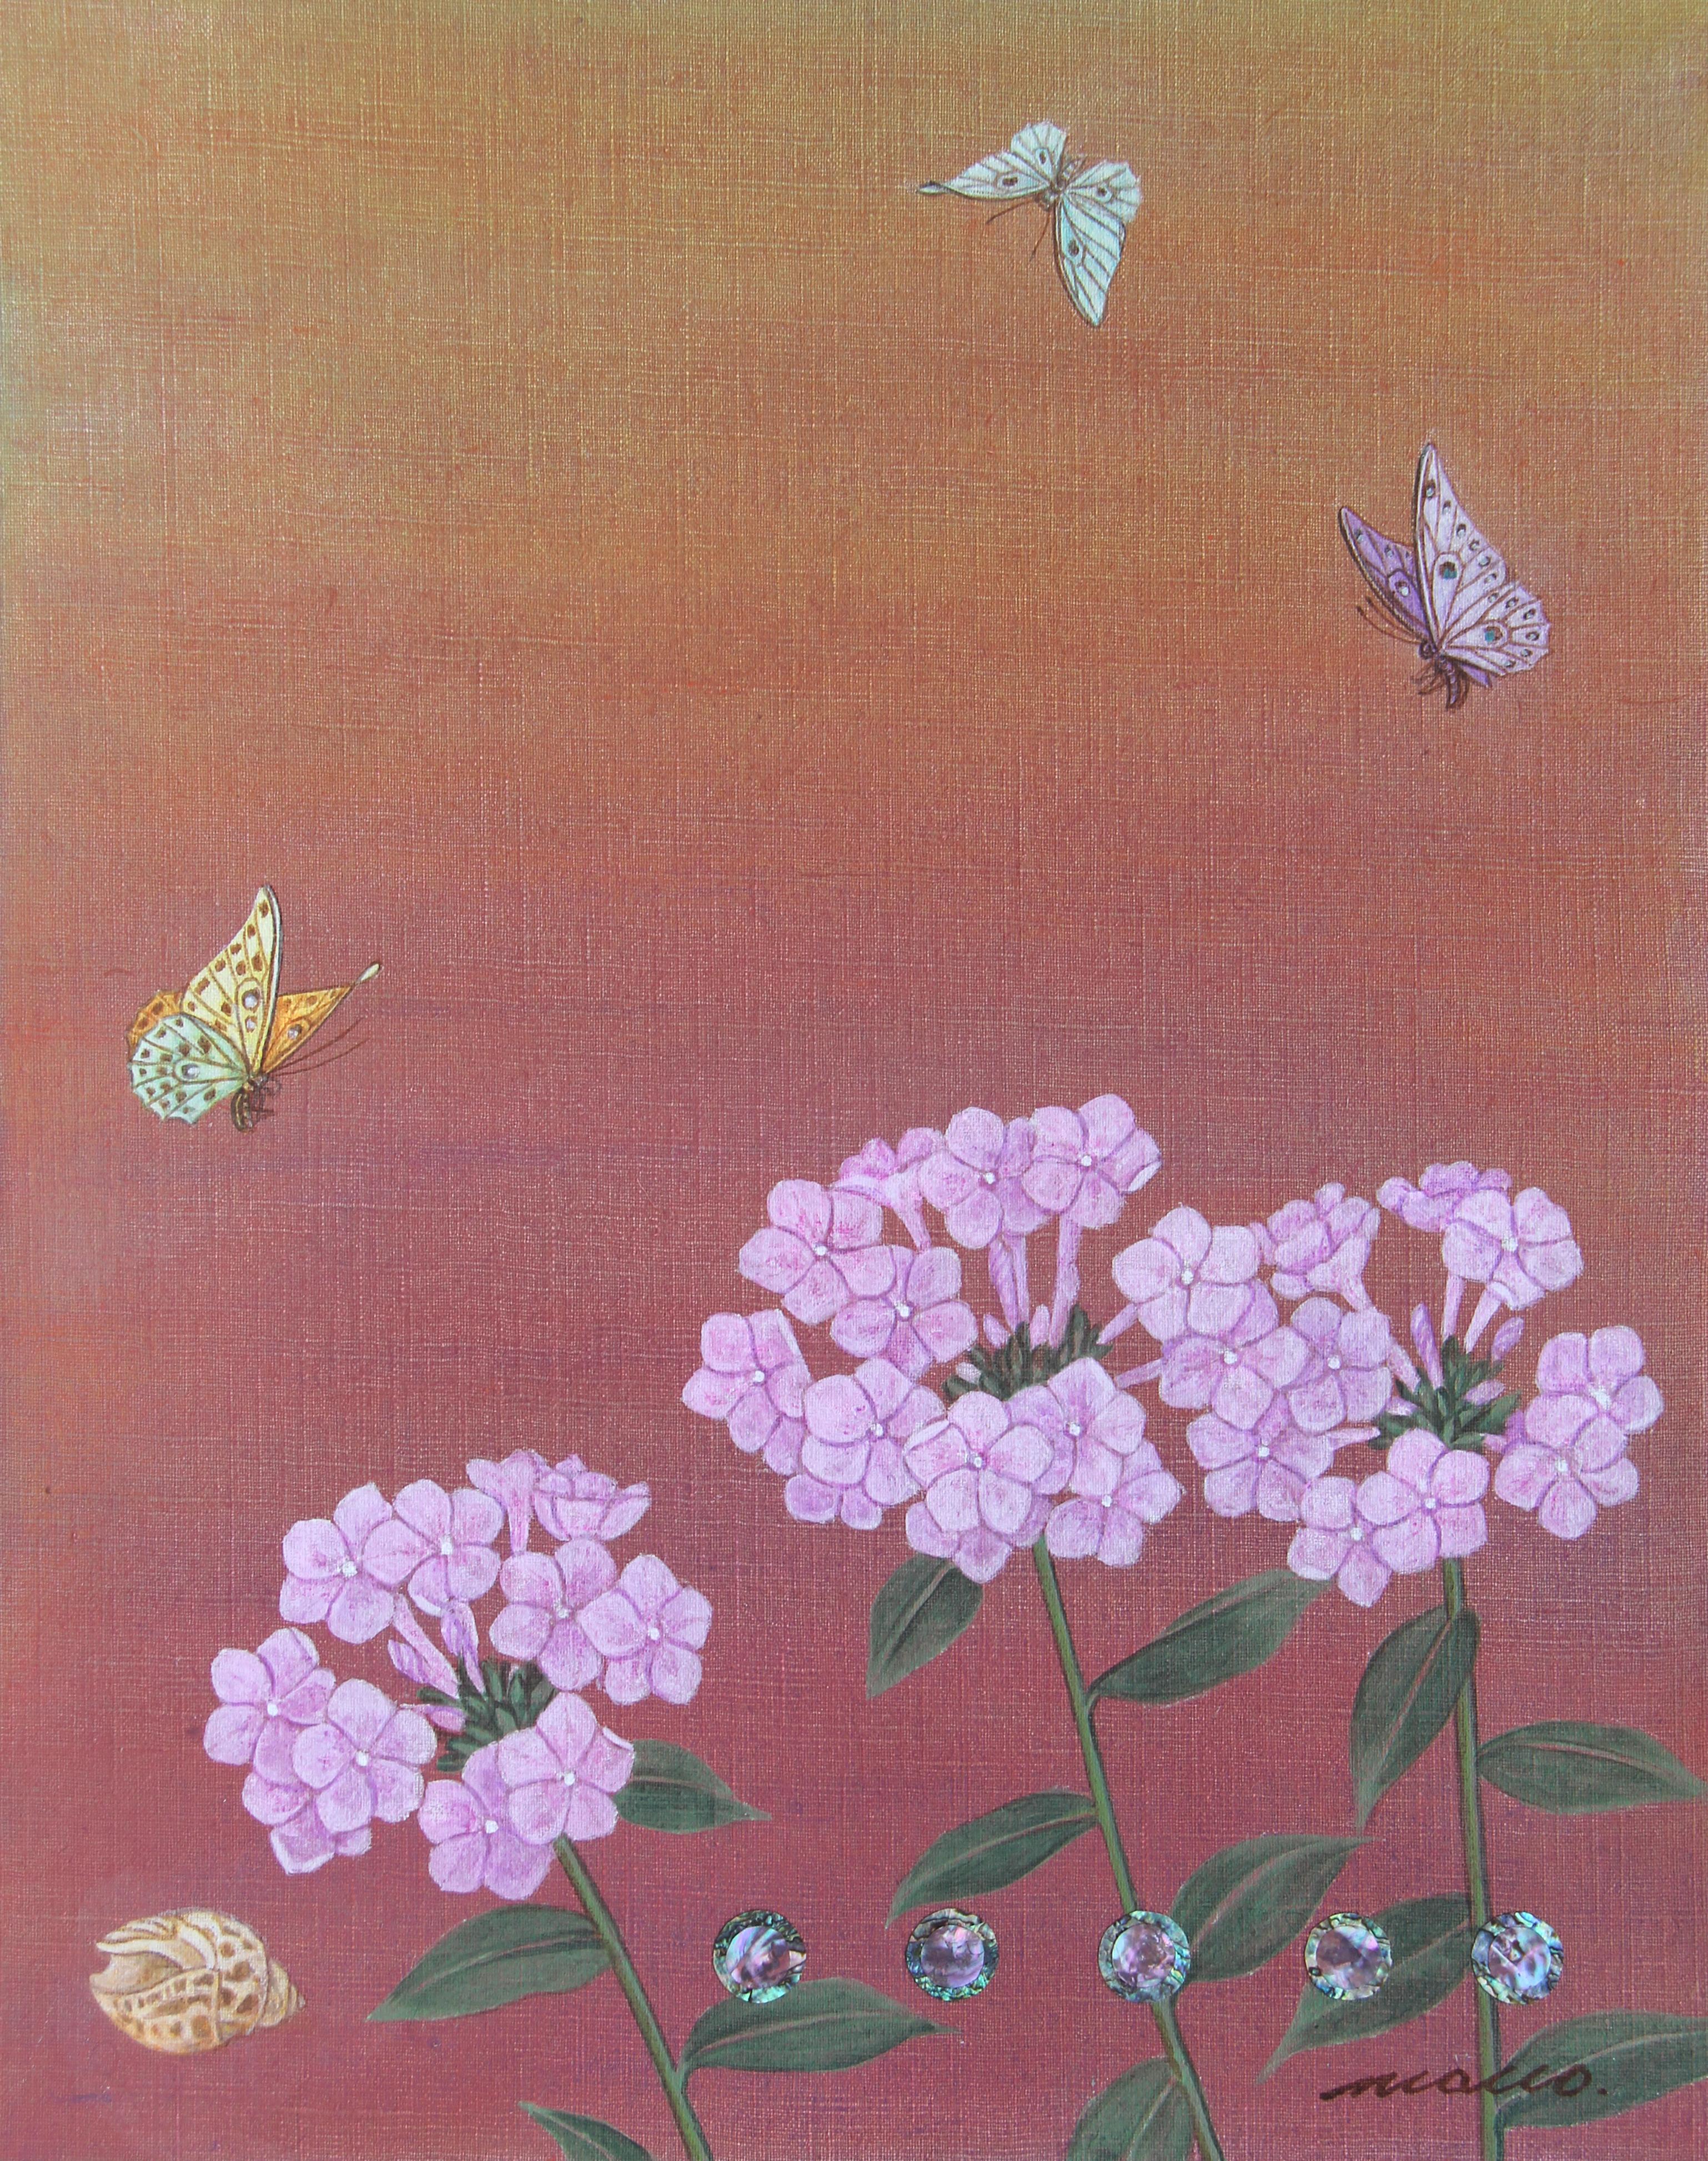 024, 조현동, 자연-순환-이야기, 35.0 x 44